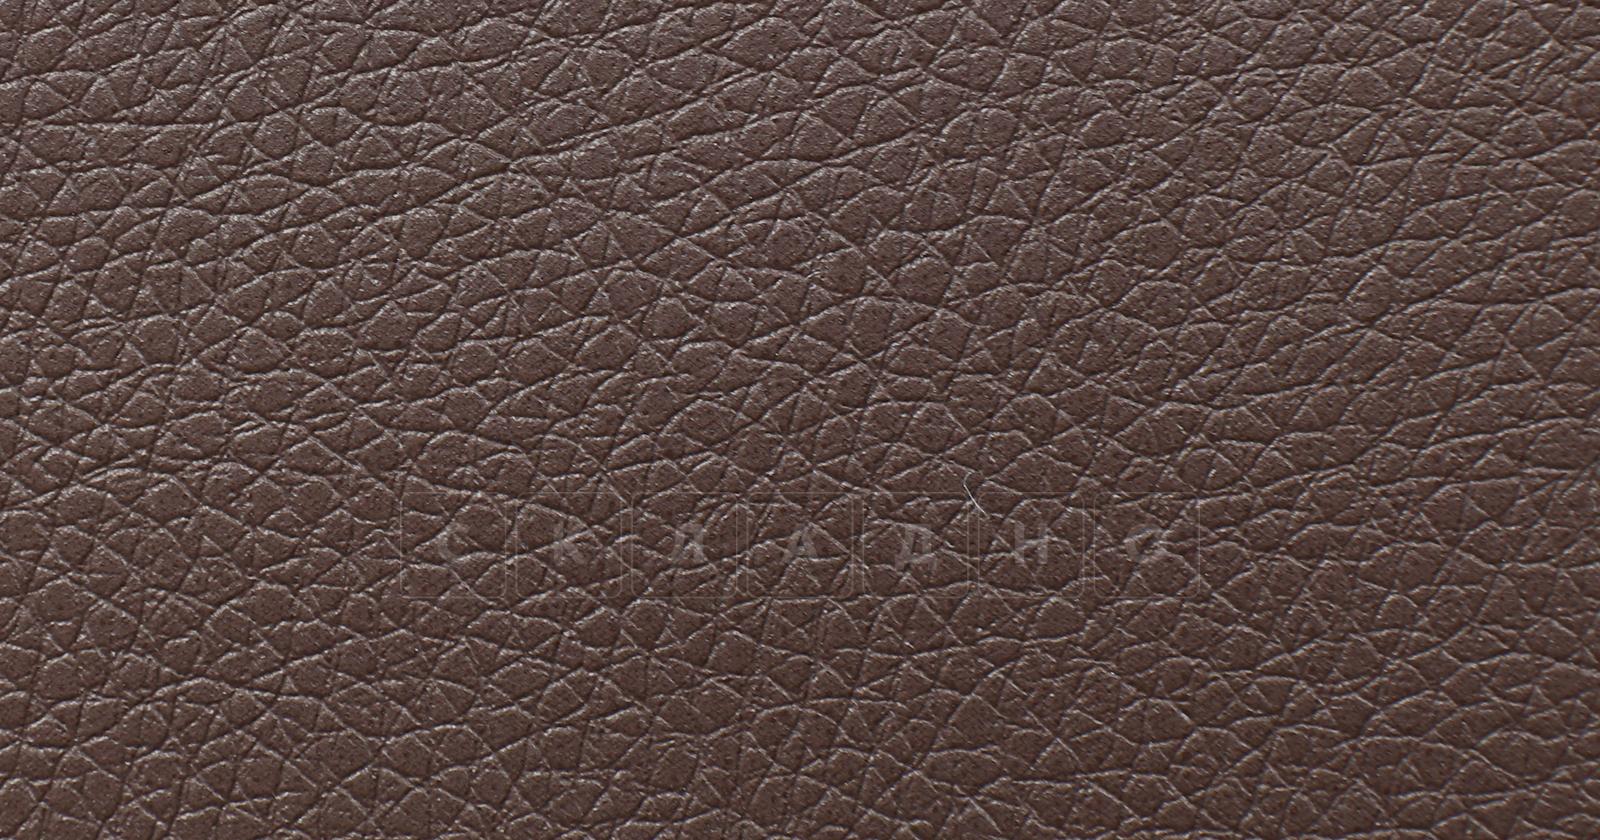 Мягкая кровать Оливия 160 см экокожа шоколад фото 16 | интернет-магазин Складно